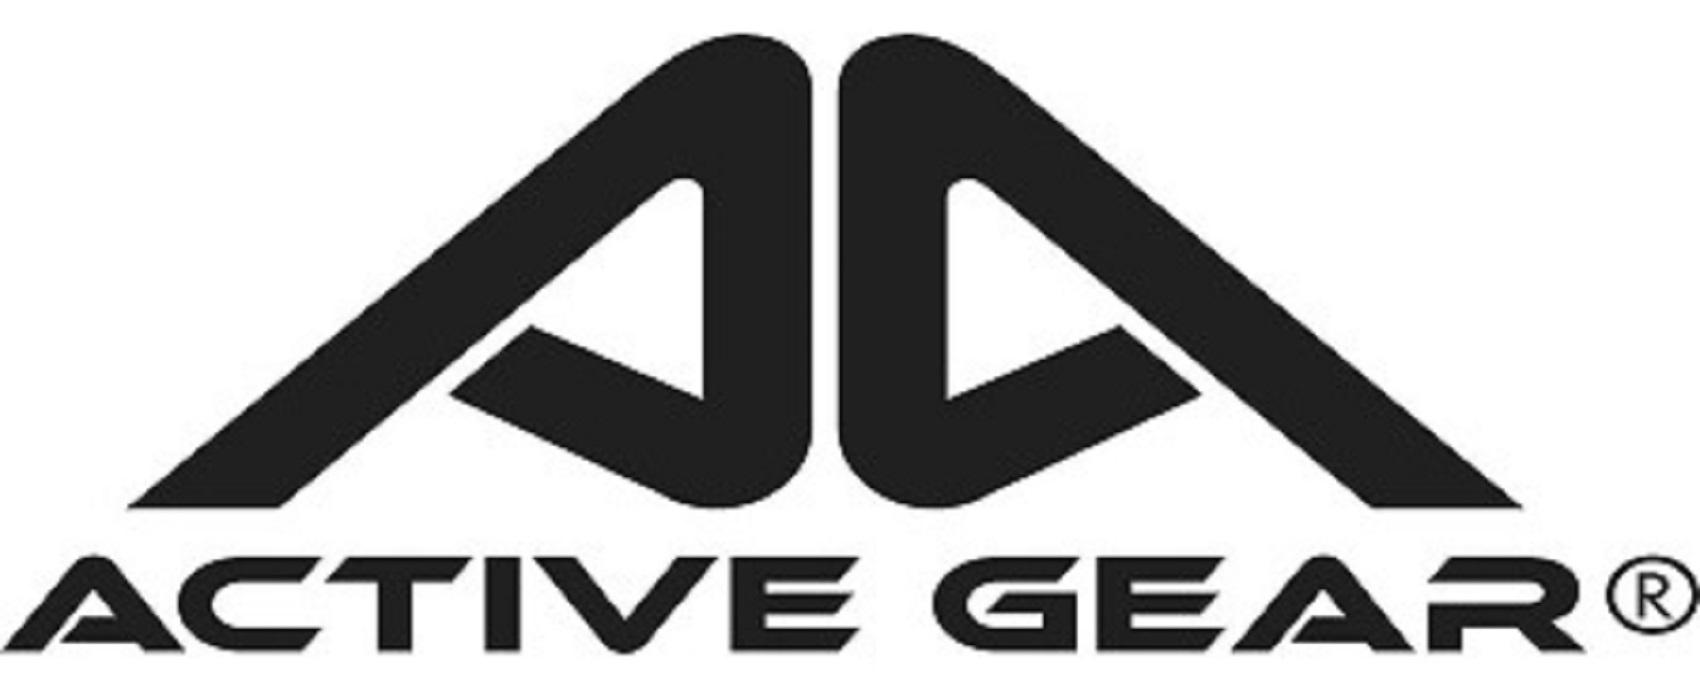 ACTIVE-GEAR-logo-web